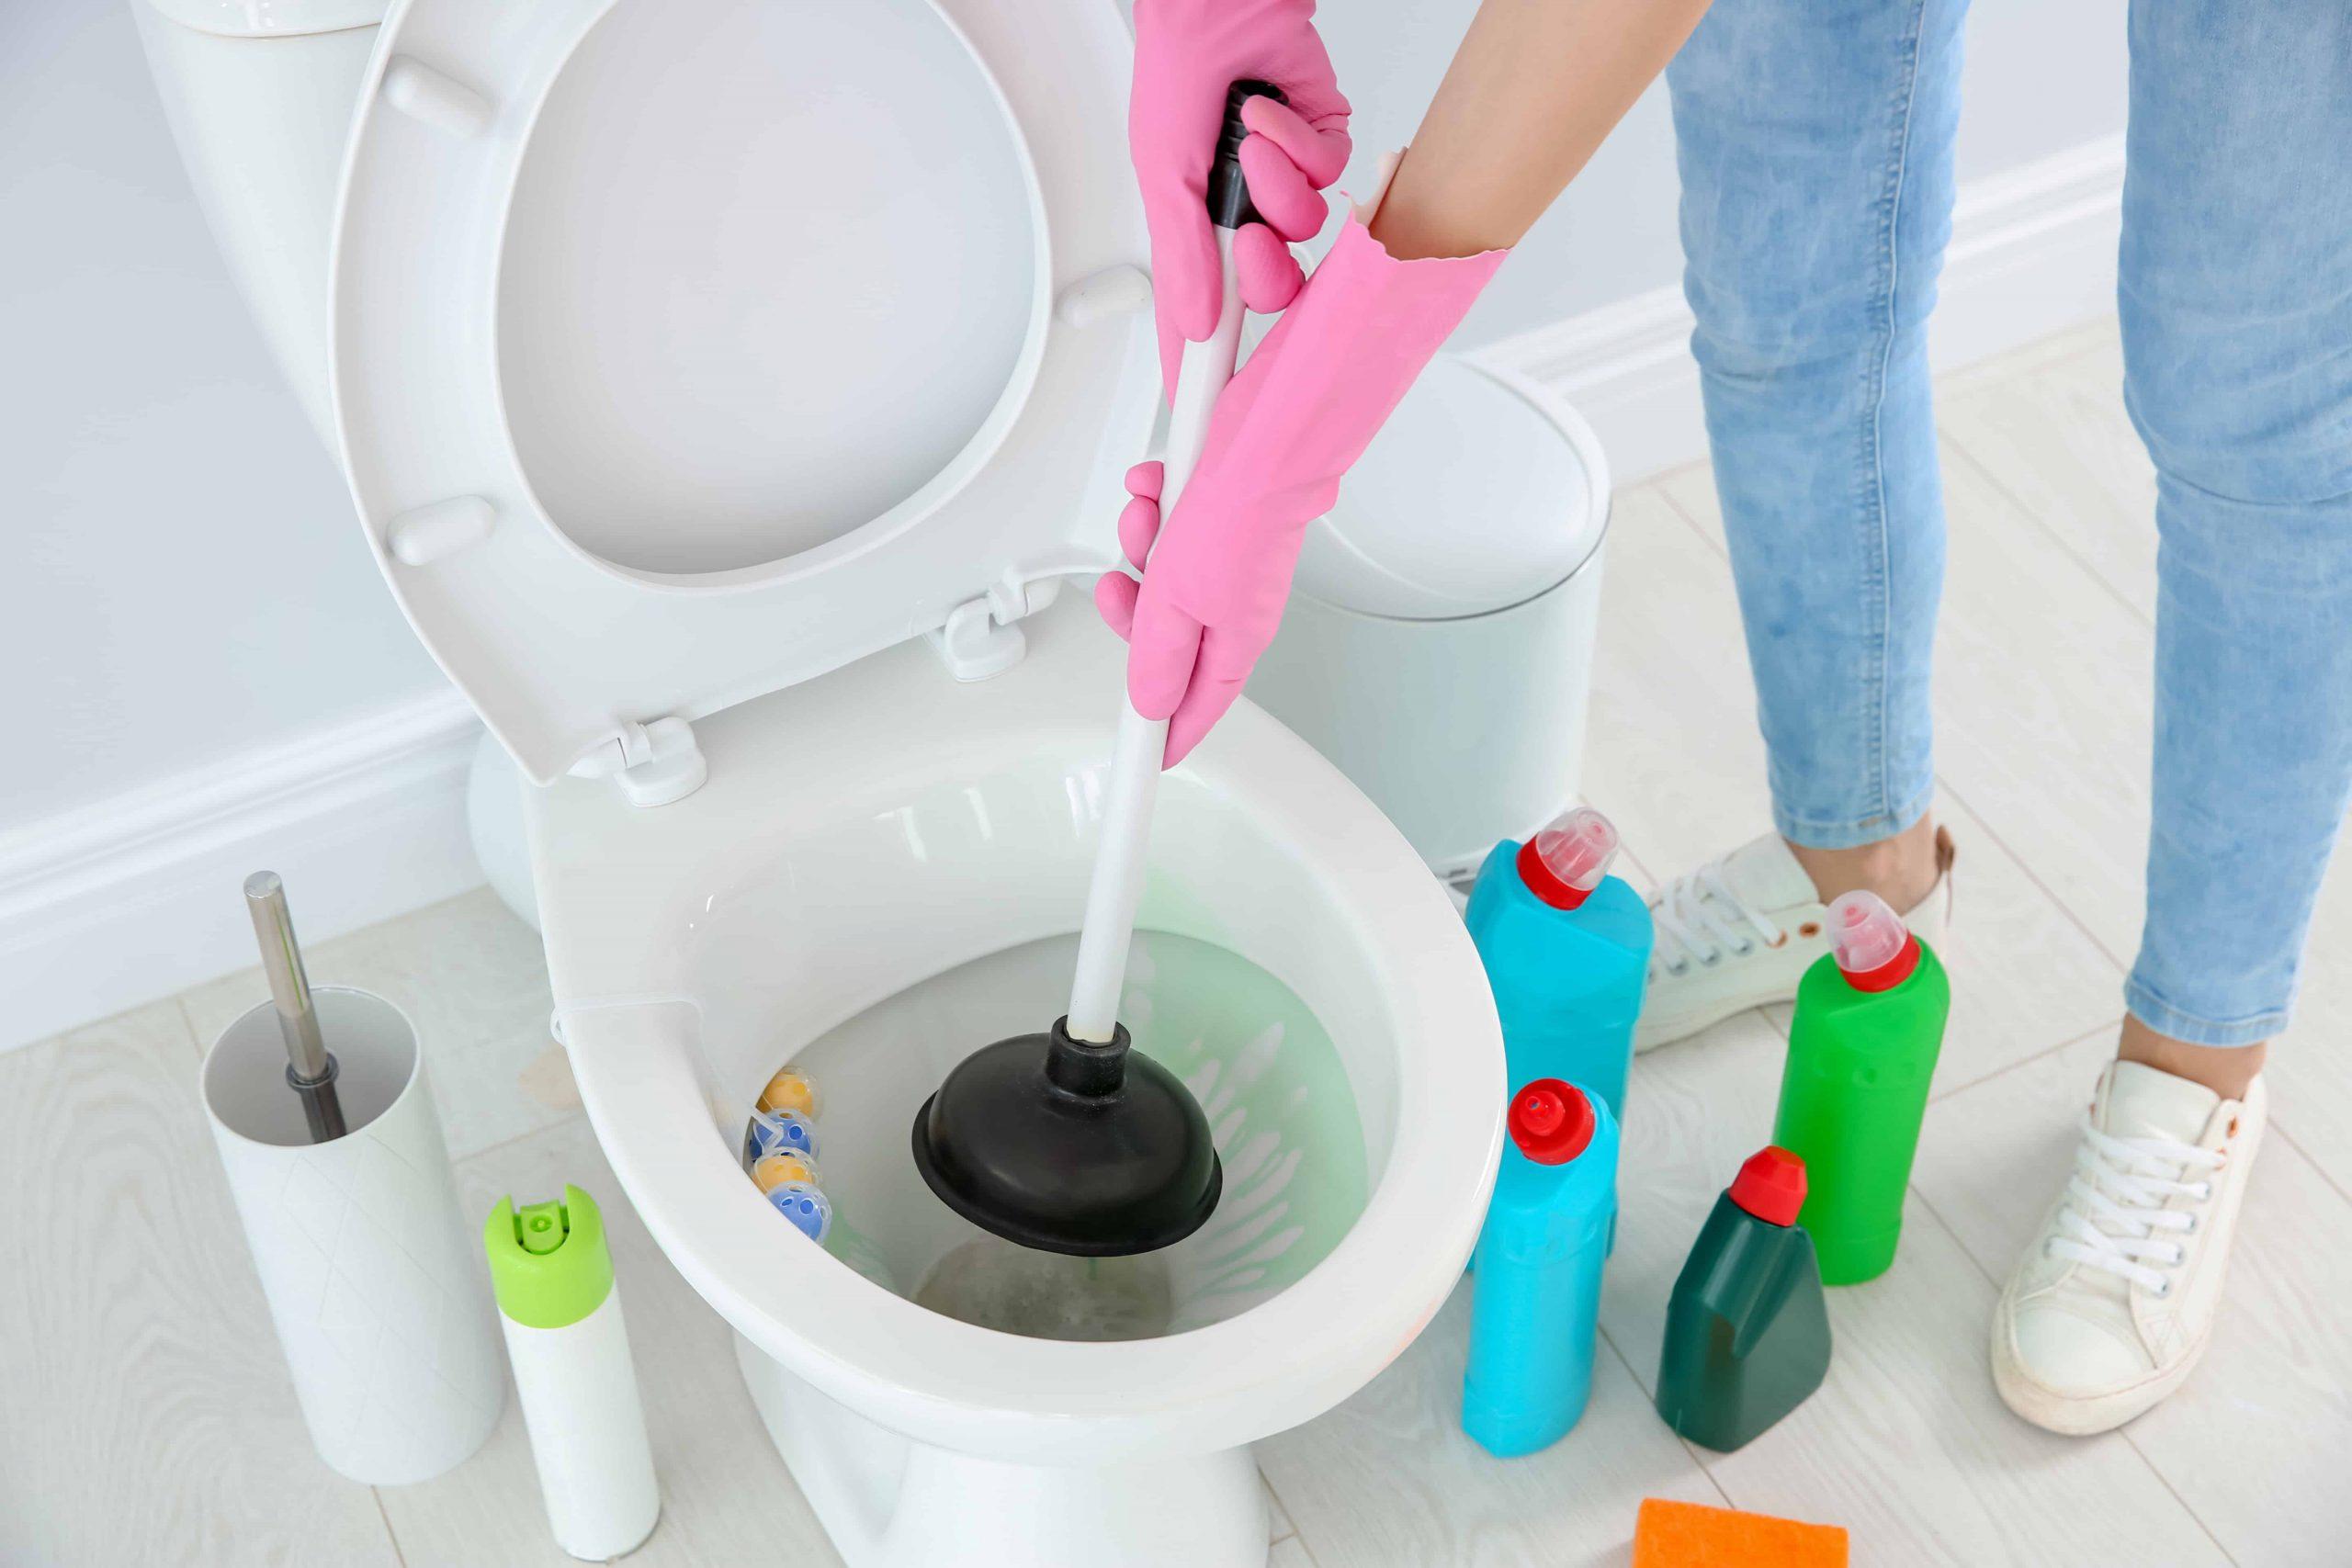 WC reinigen: So bekommst du deine Toilette wieder sauber